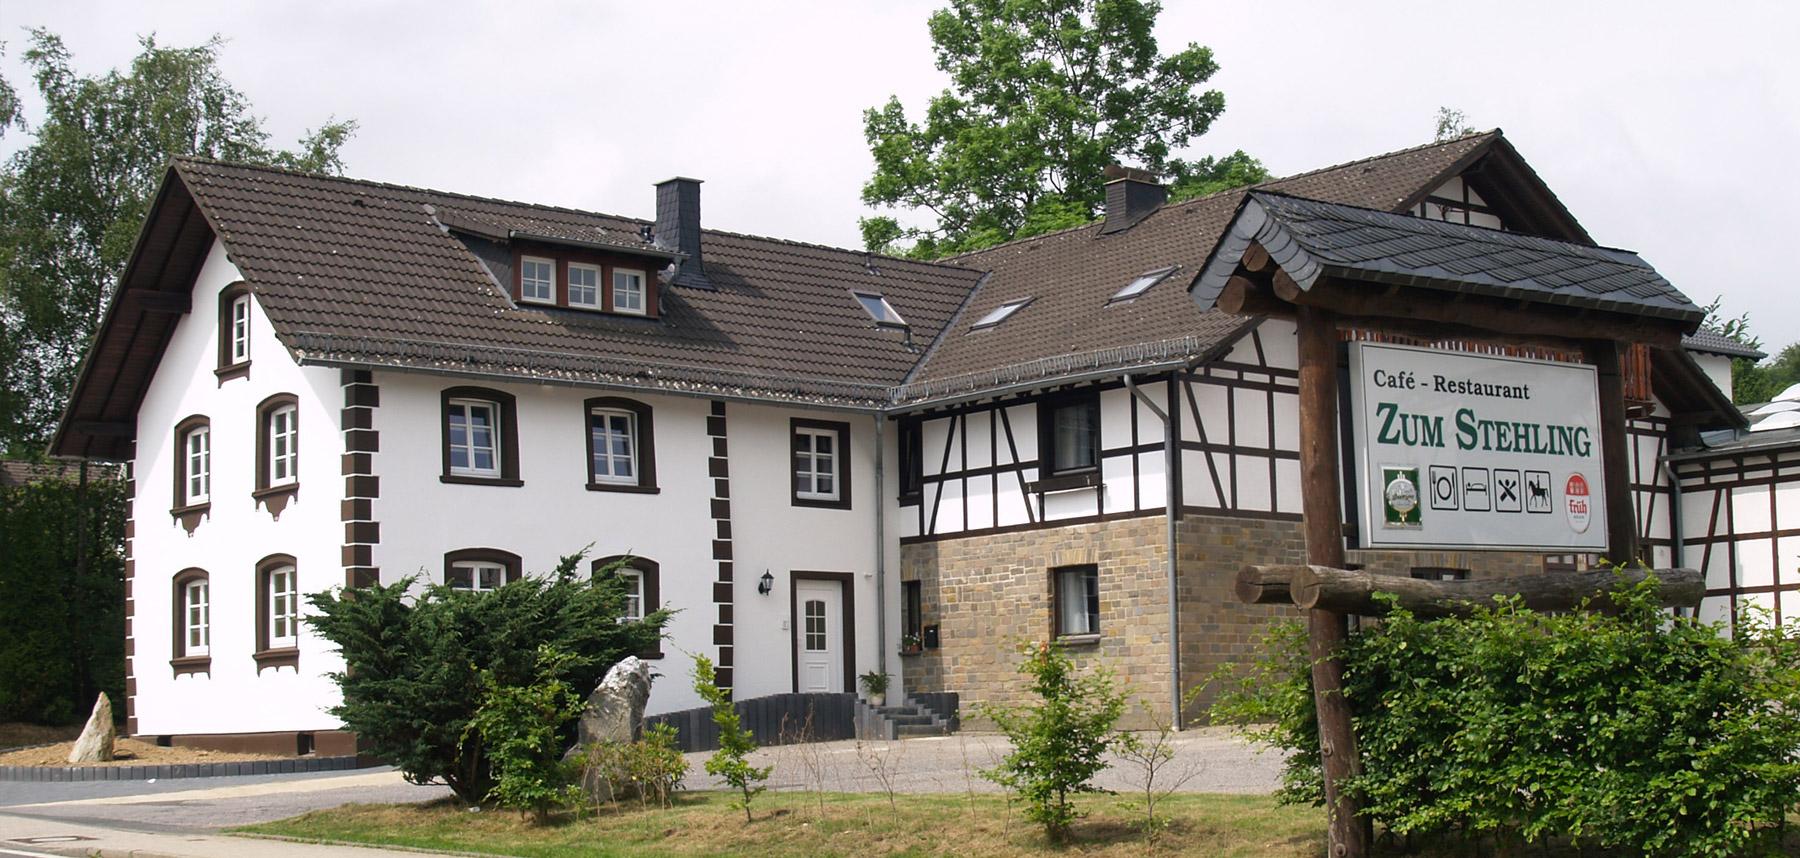 Gästehaus zum Stehling in der Eifel